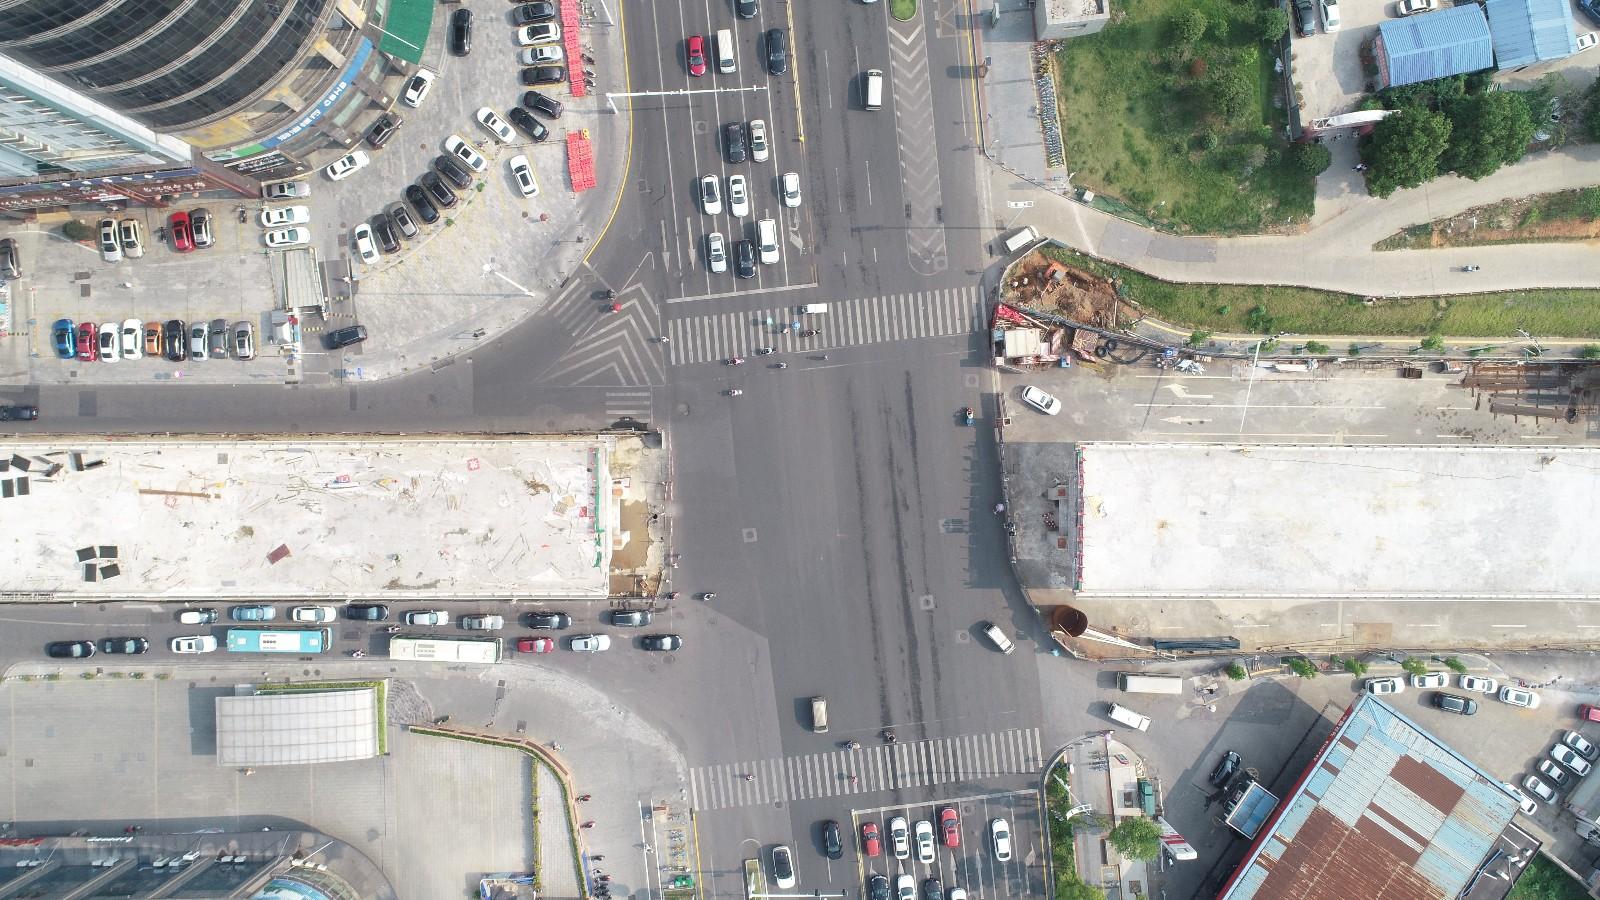 今日,新建西路跨线桥正式开始最后一联上跨芙蓉路钢箱梁施工,预计本月底实现吊装合拢,9月底实现通车。均为长沙晚报全媒体记者 余劭劼 摄